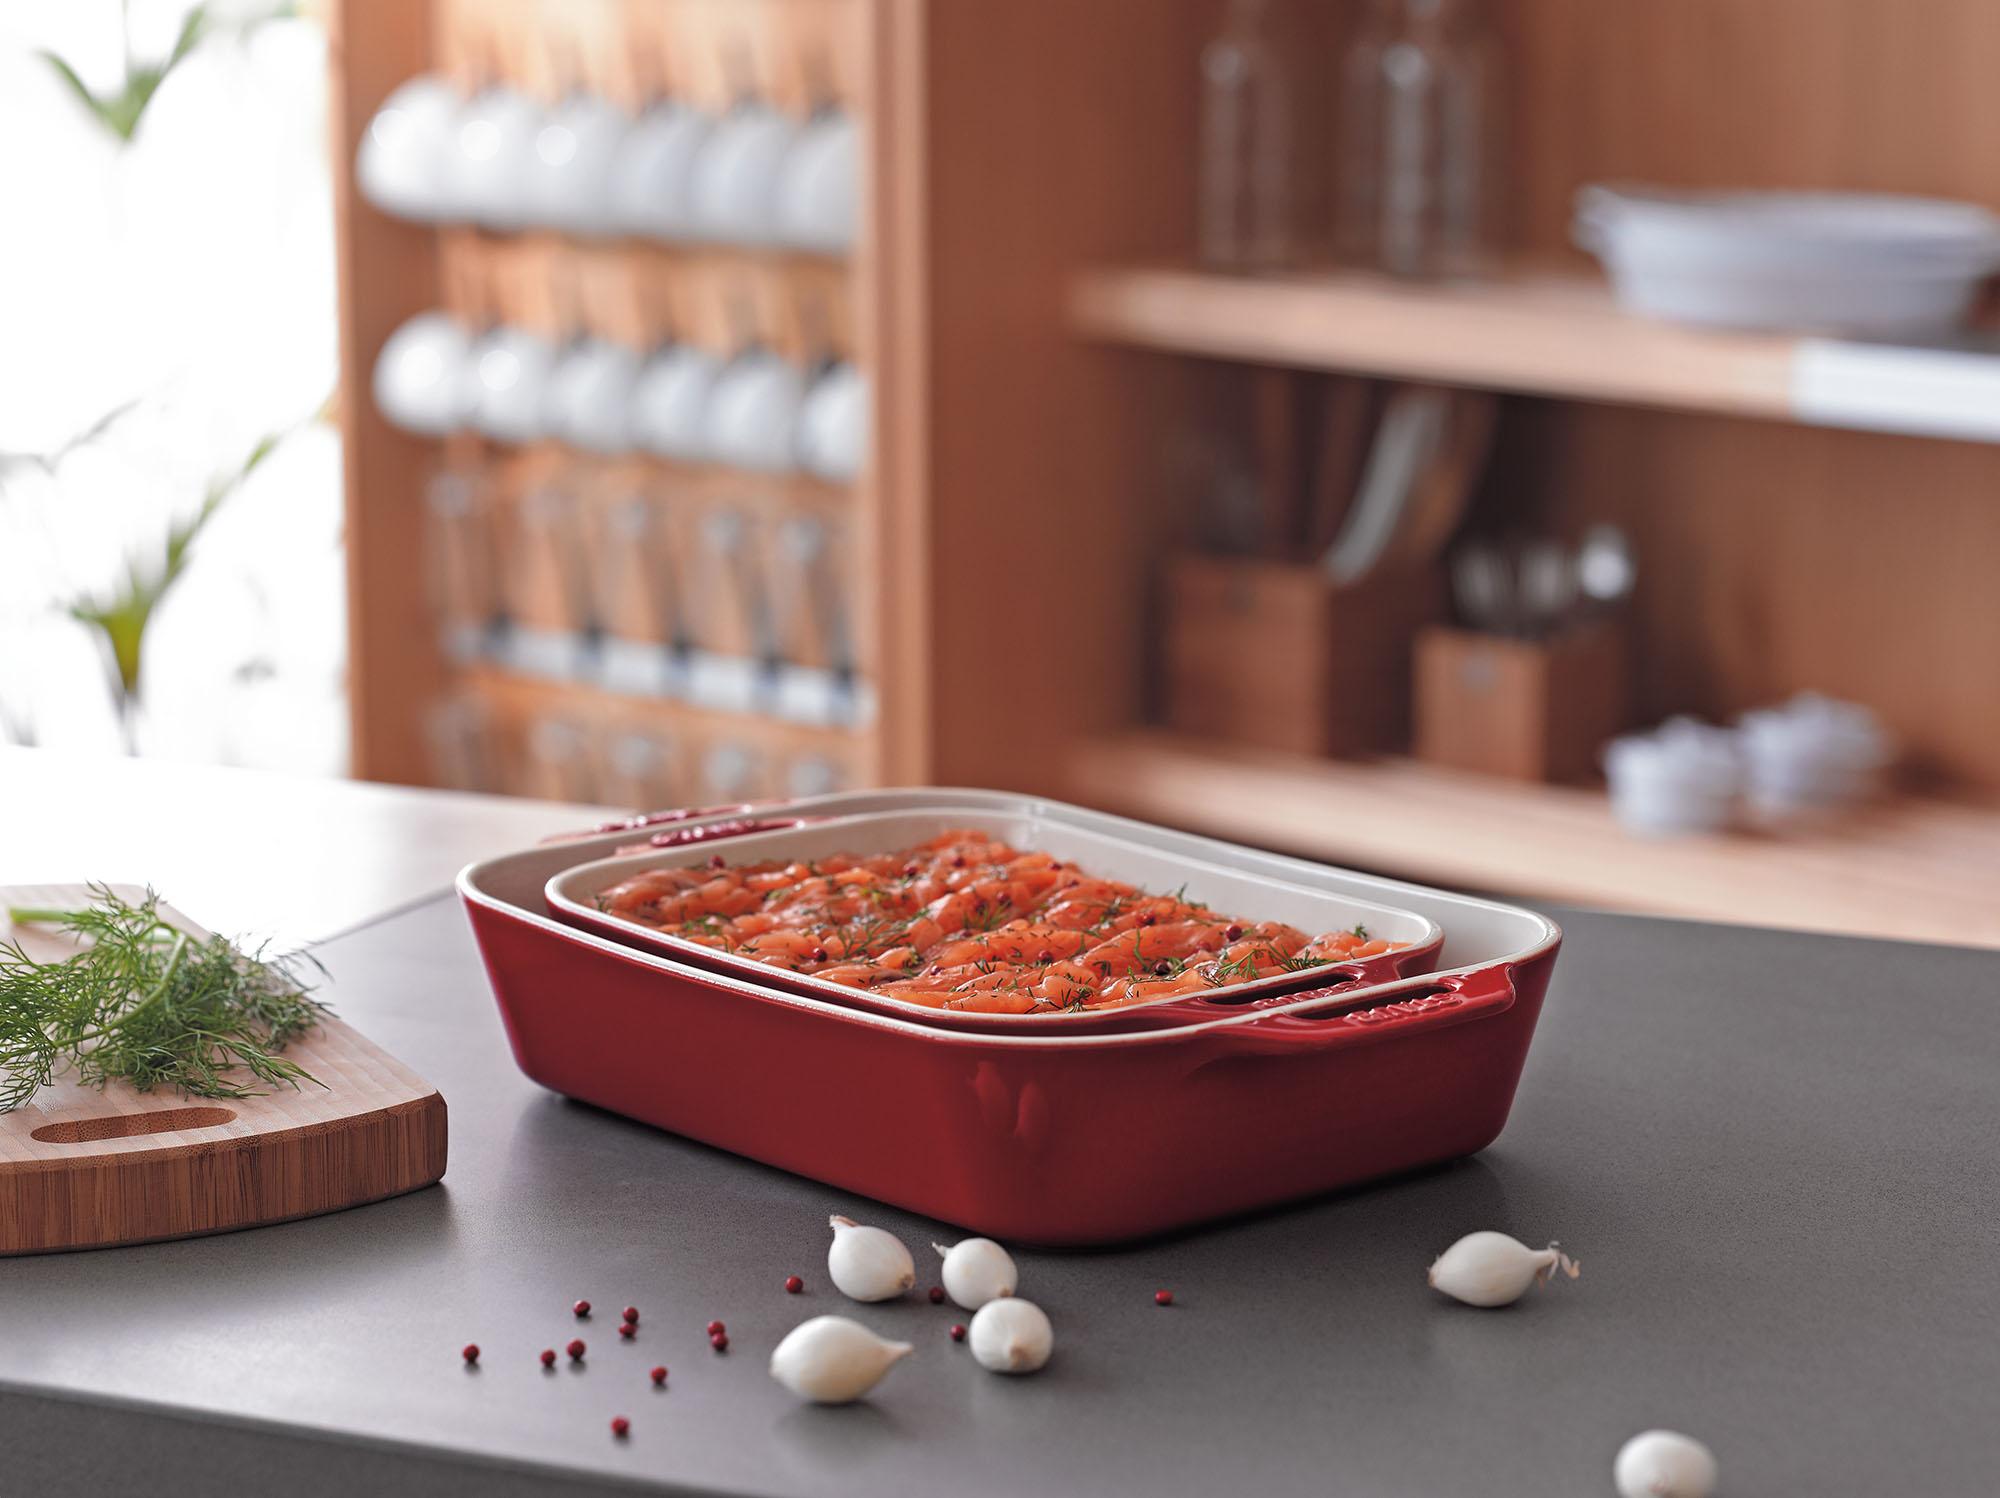 Ceramic Stoneware Baking : Staub ceramic stoneware pc rectangular baking dish set